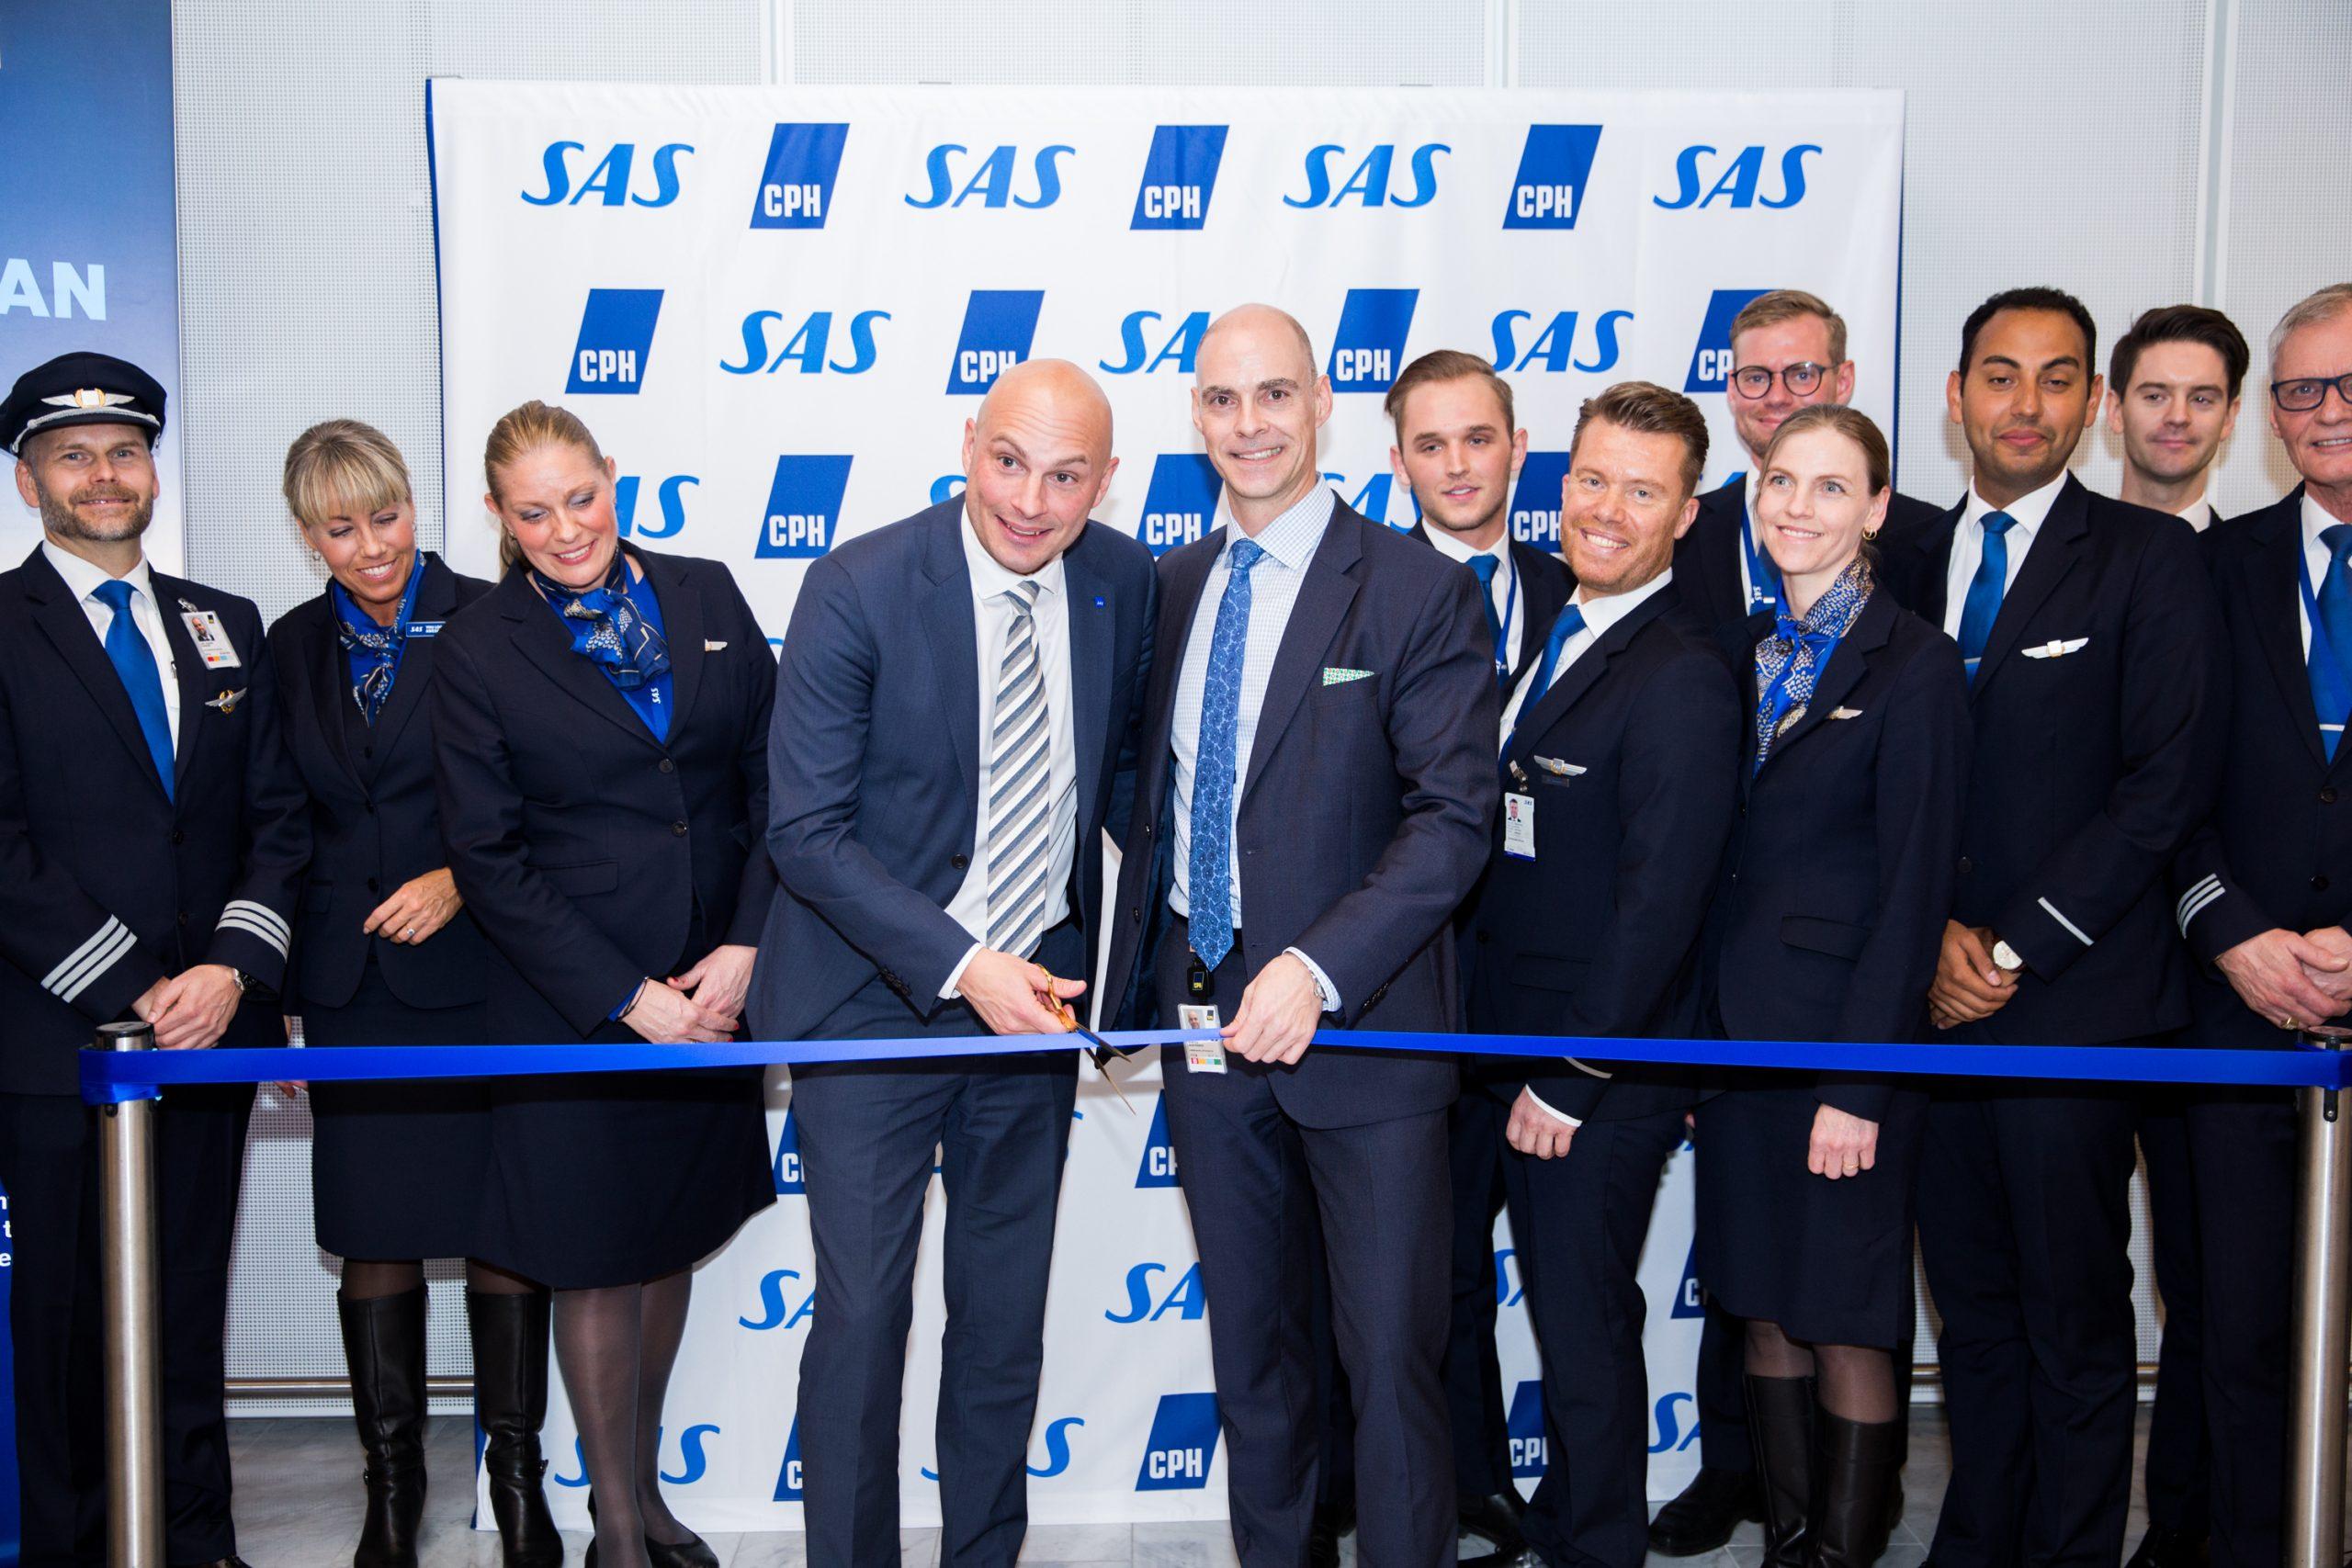 Med hovedparten af besætningen på tirsdagens SAS-afgang i baggrunden, klipper Markus Ek, SAS' globale salgsdirektør, til venstre, og Morten Tranberg Mortensen, chef for airline salg og ruteudvikling i Københavns Lufthavn, båndet der markerer første langruteflyvning med Airbus A350. Pressefoto fra SAS.